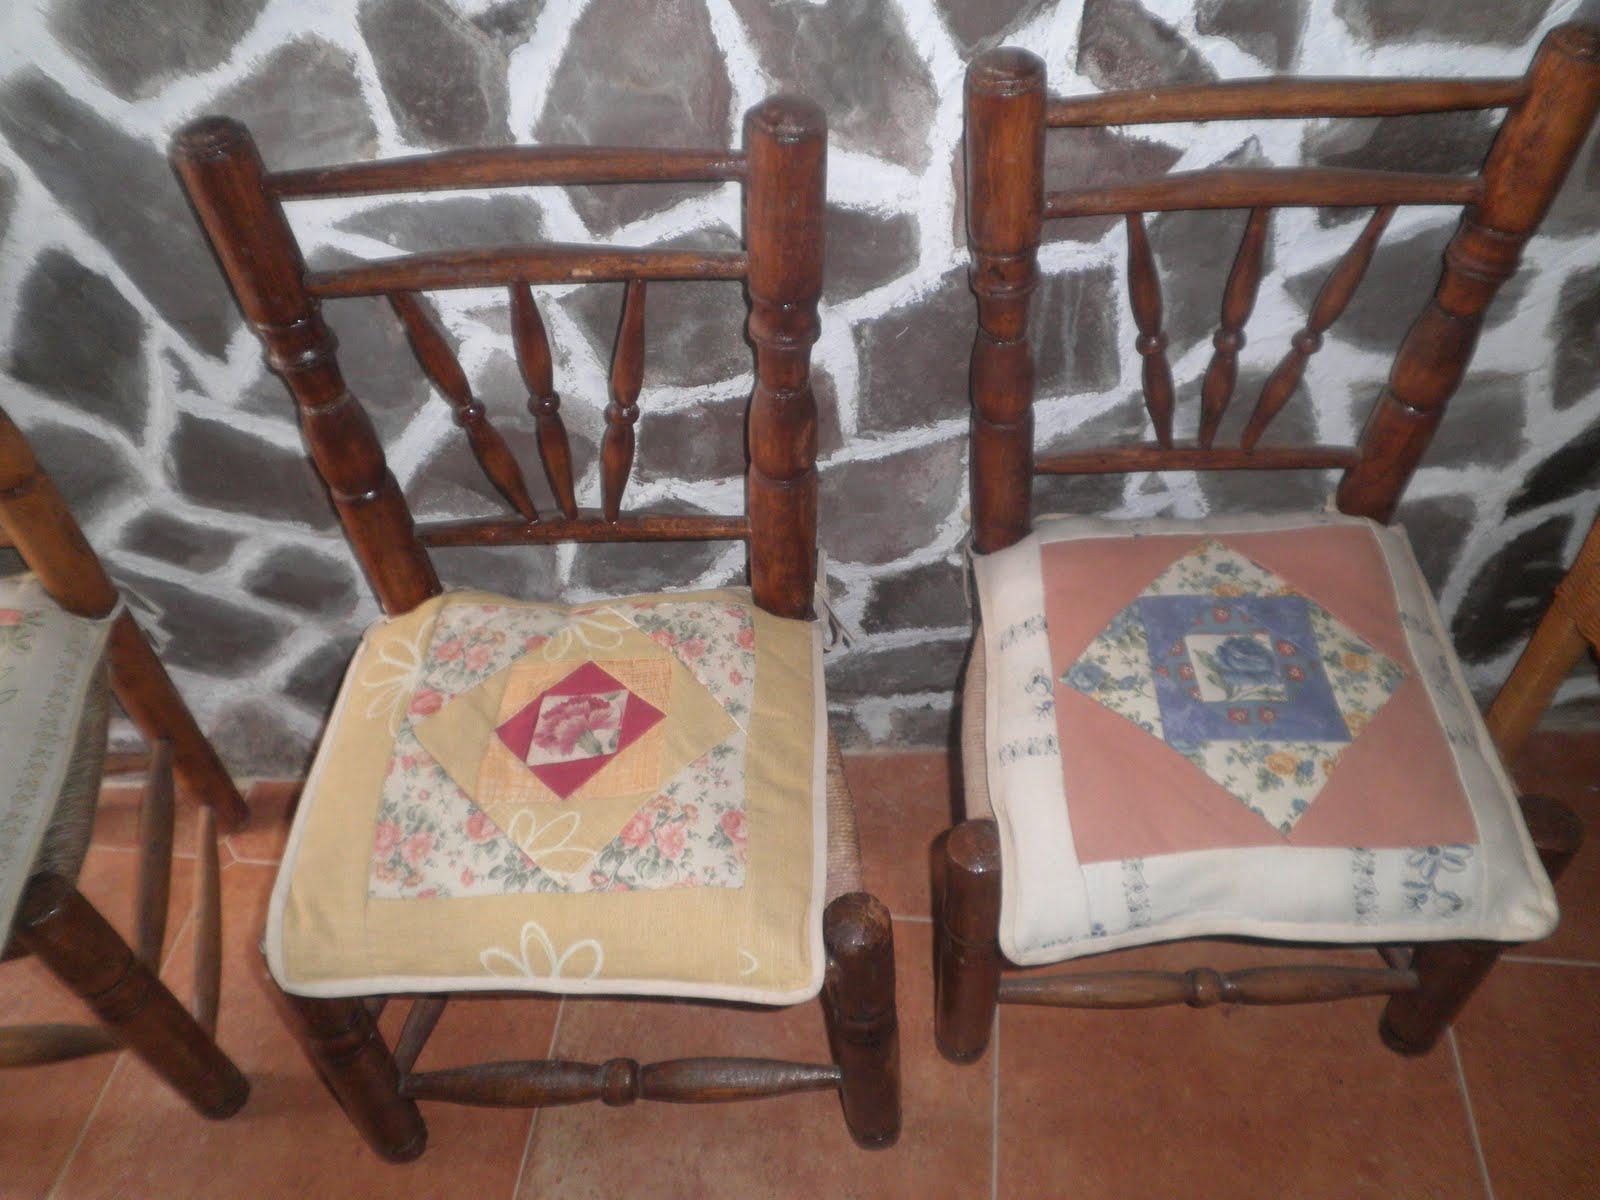 Manualidades pura cojines para silla - Cojines de sillas ...